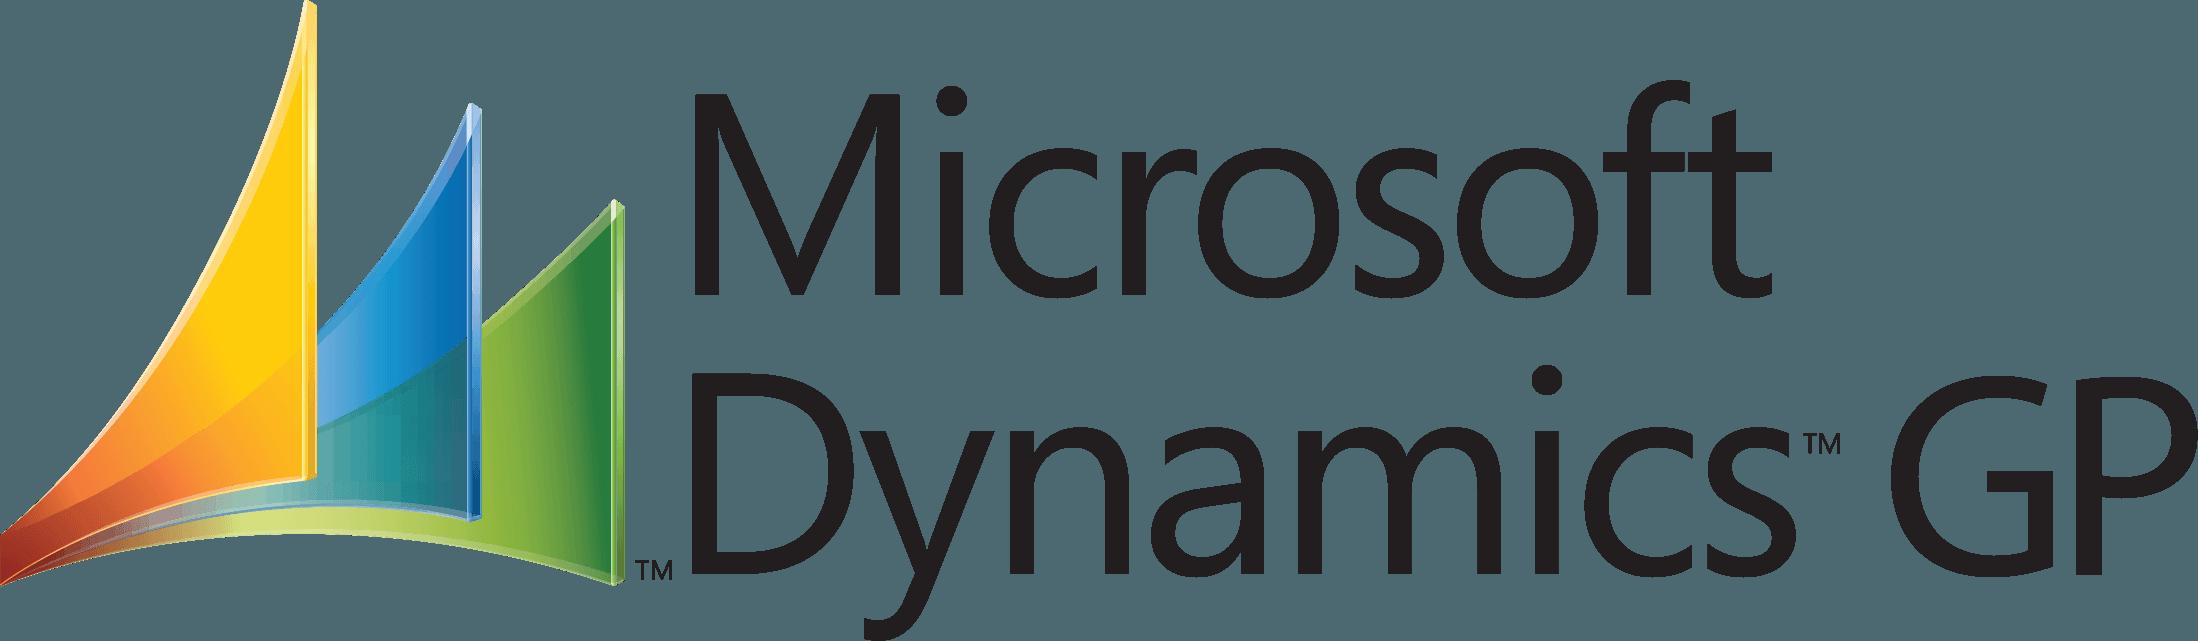 ms-dynamics-gp-logo.png